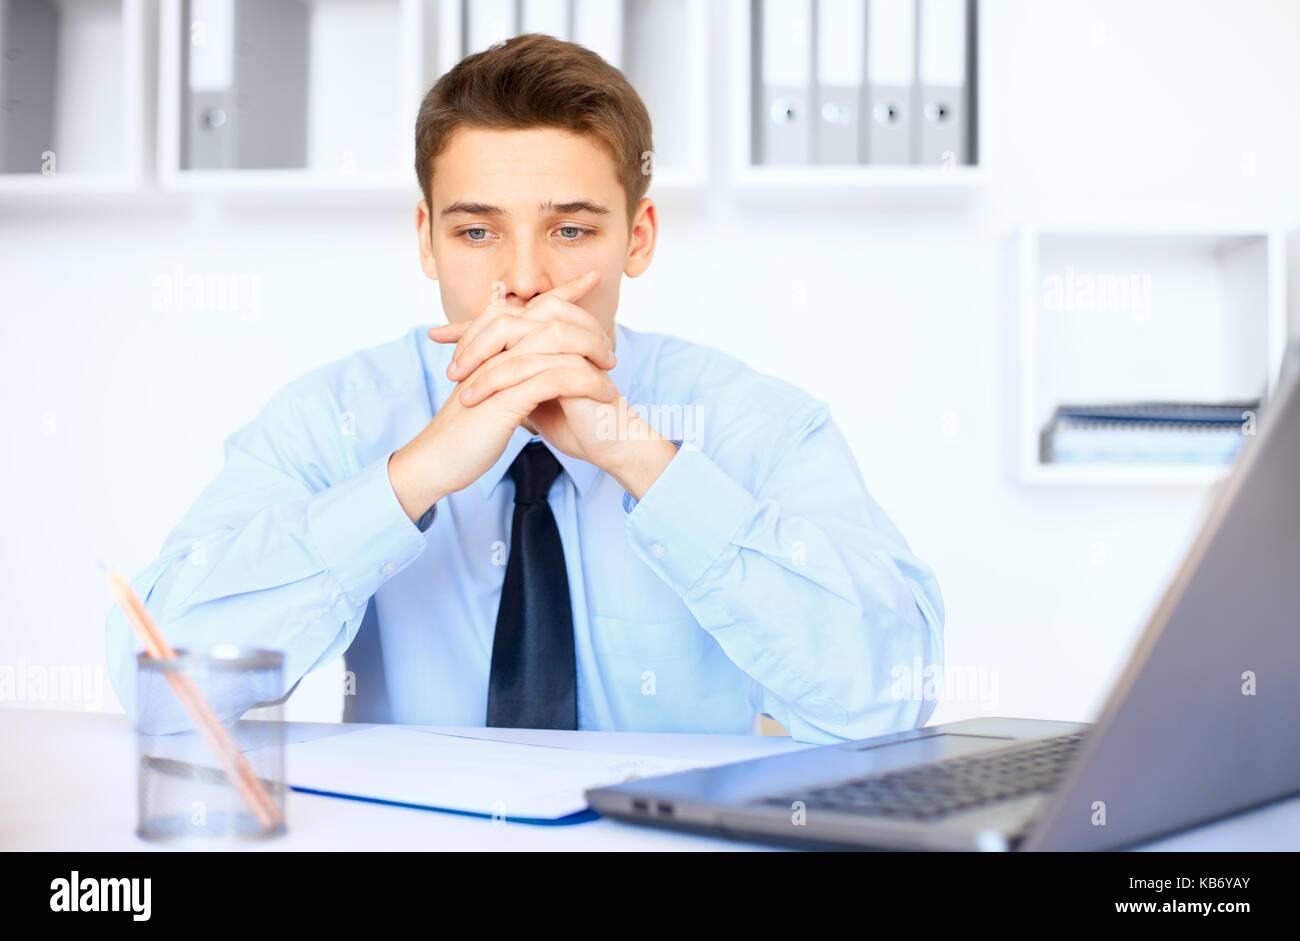 Ritratto di giovane imprenditore pensieroso al suo luogo di lavoro in ufficio luminoso Immagini Stock